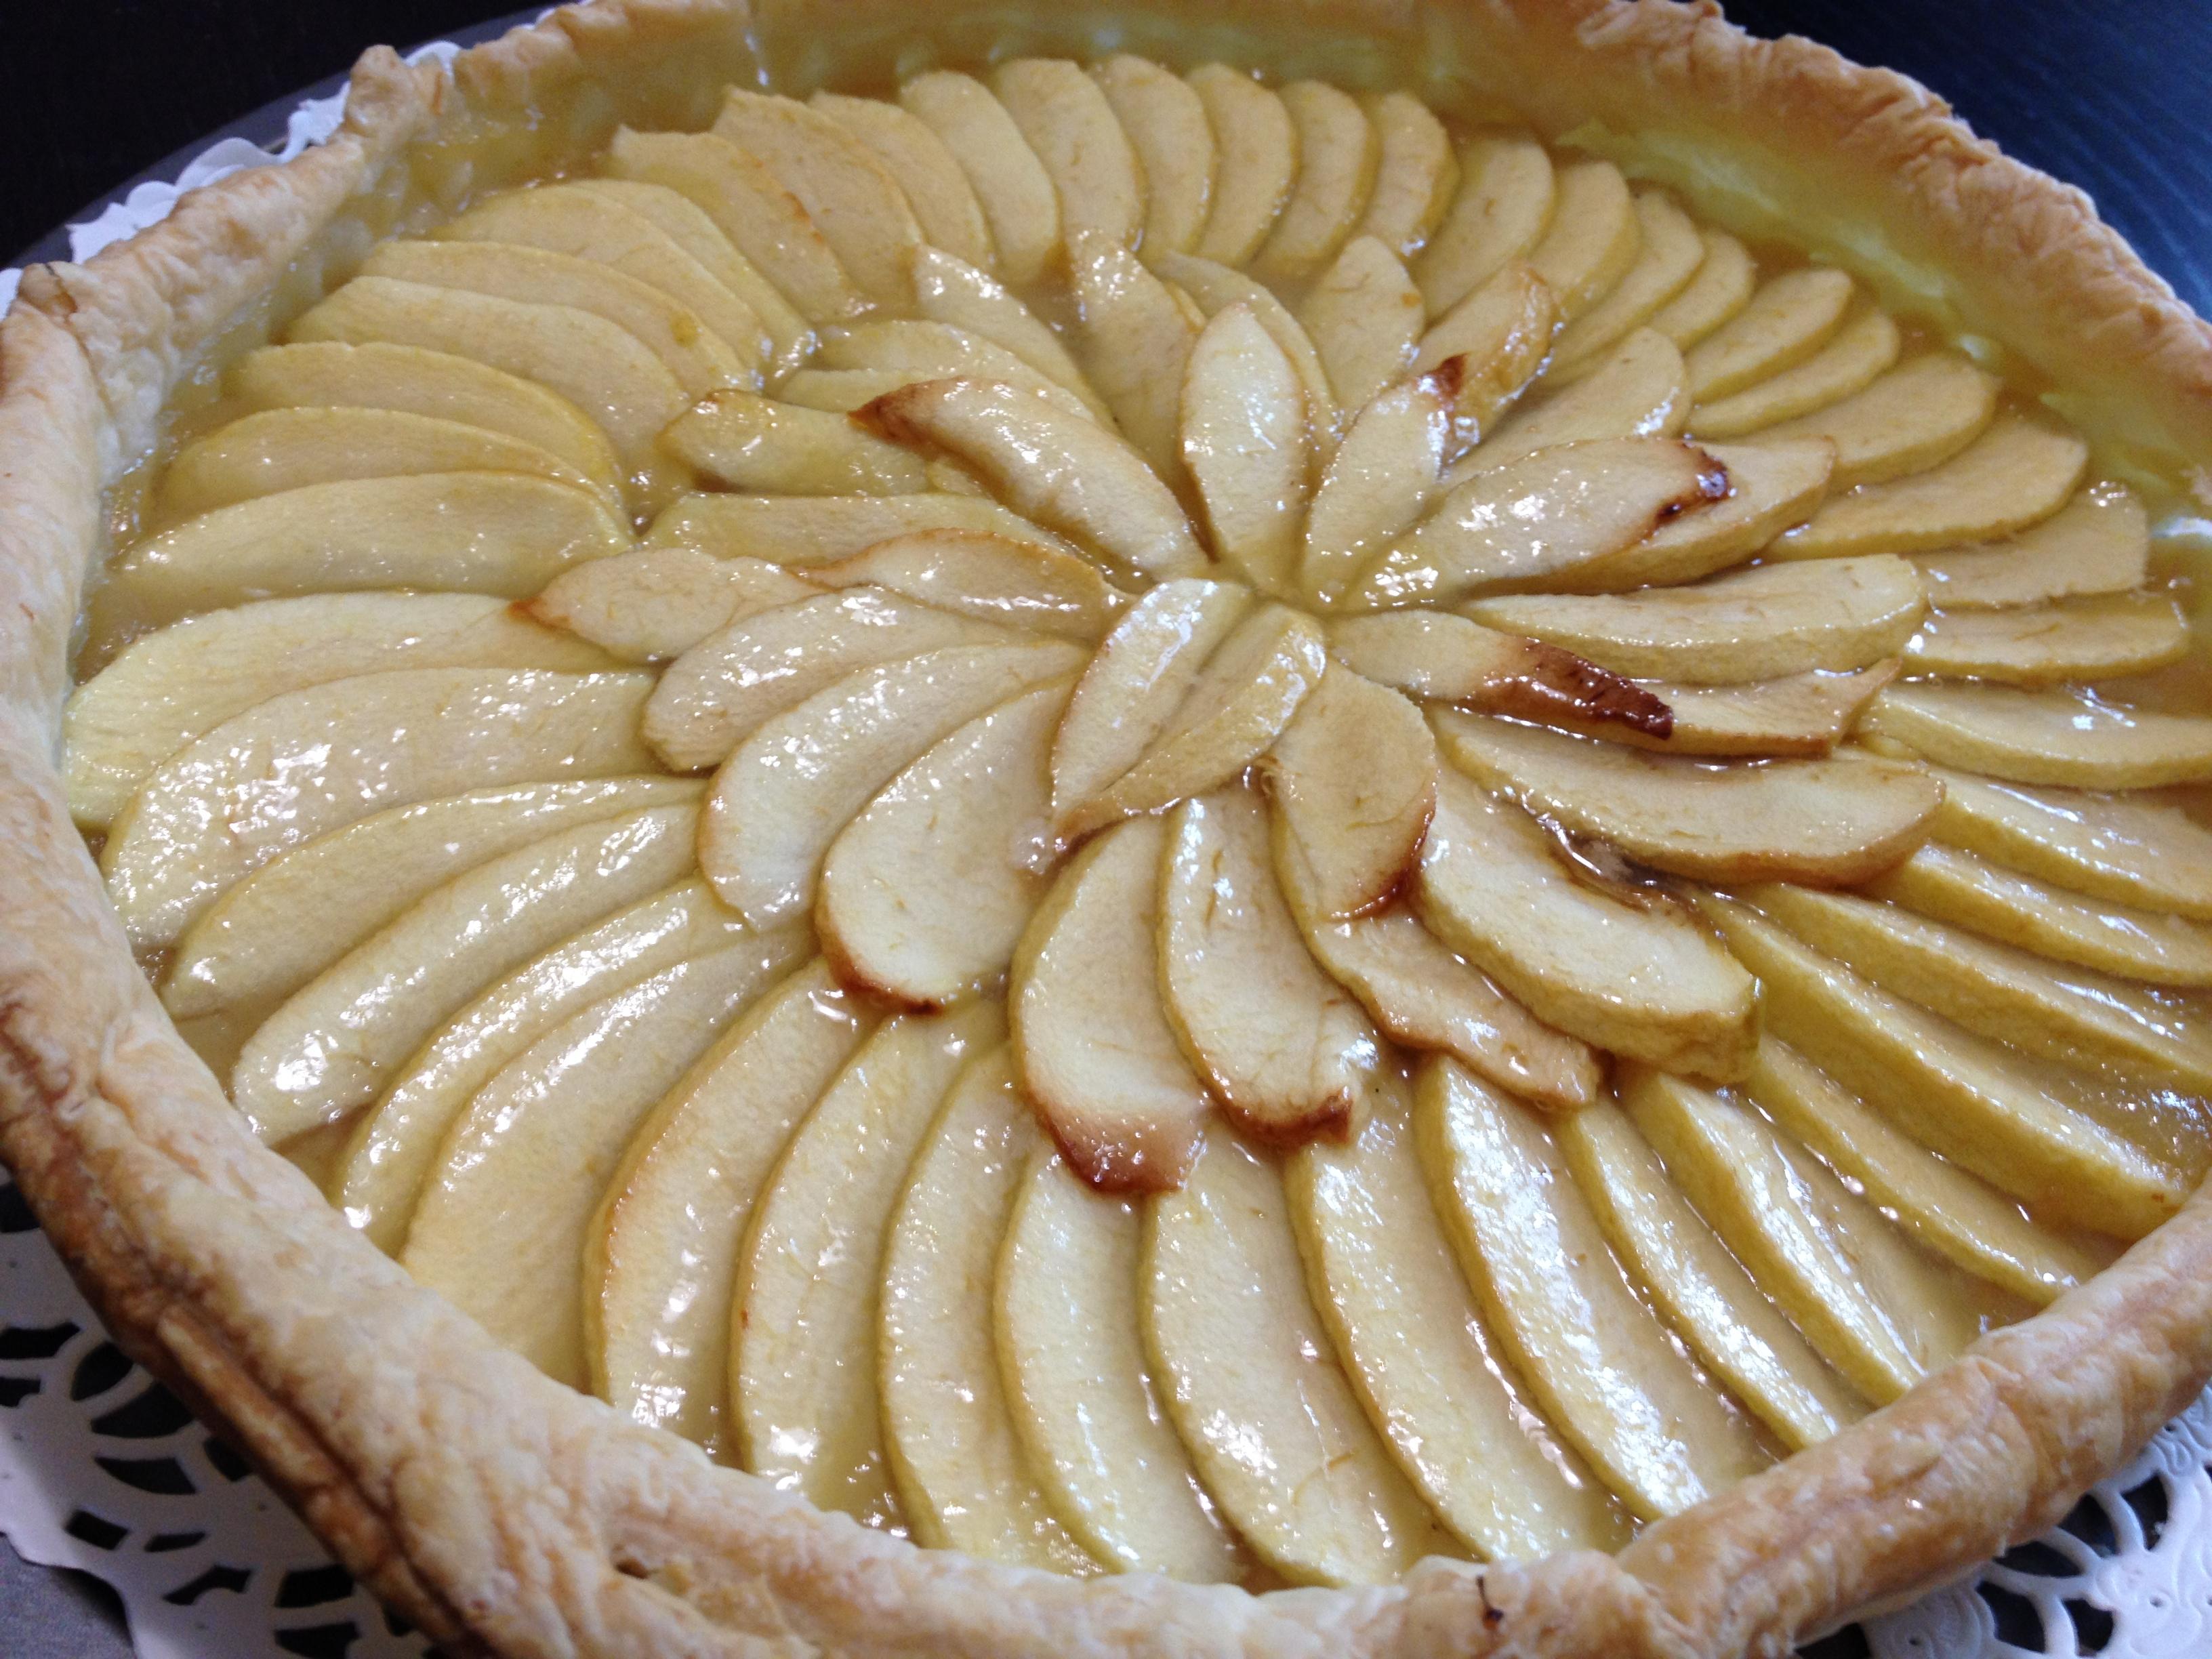 tarte aux pommes pate feuillet c3 a9e marmiton